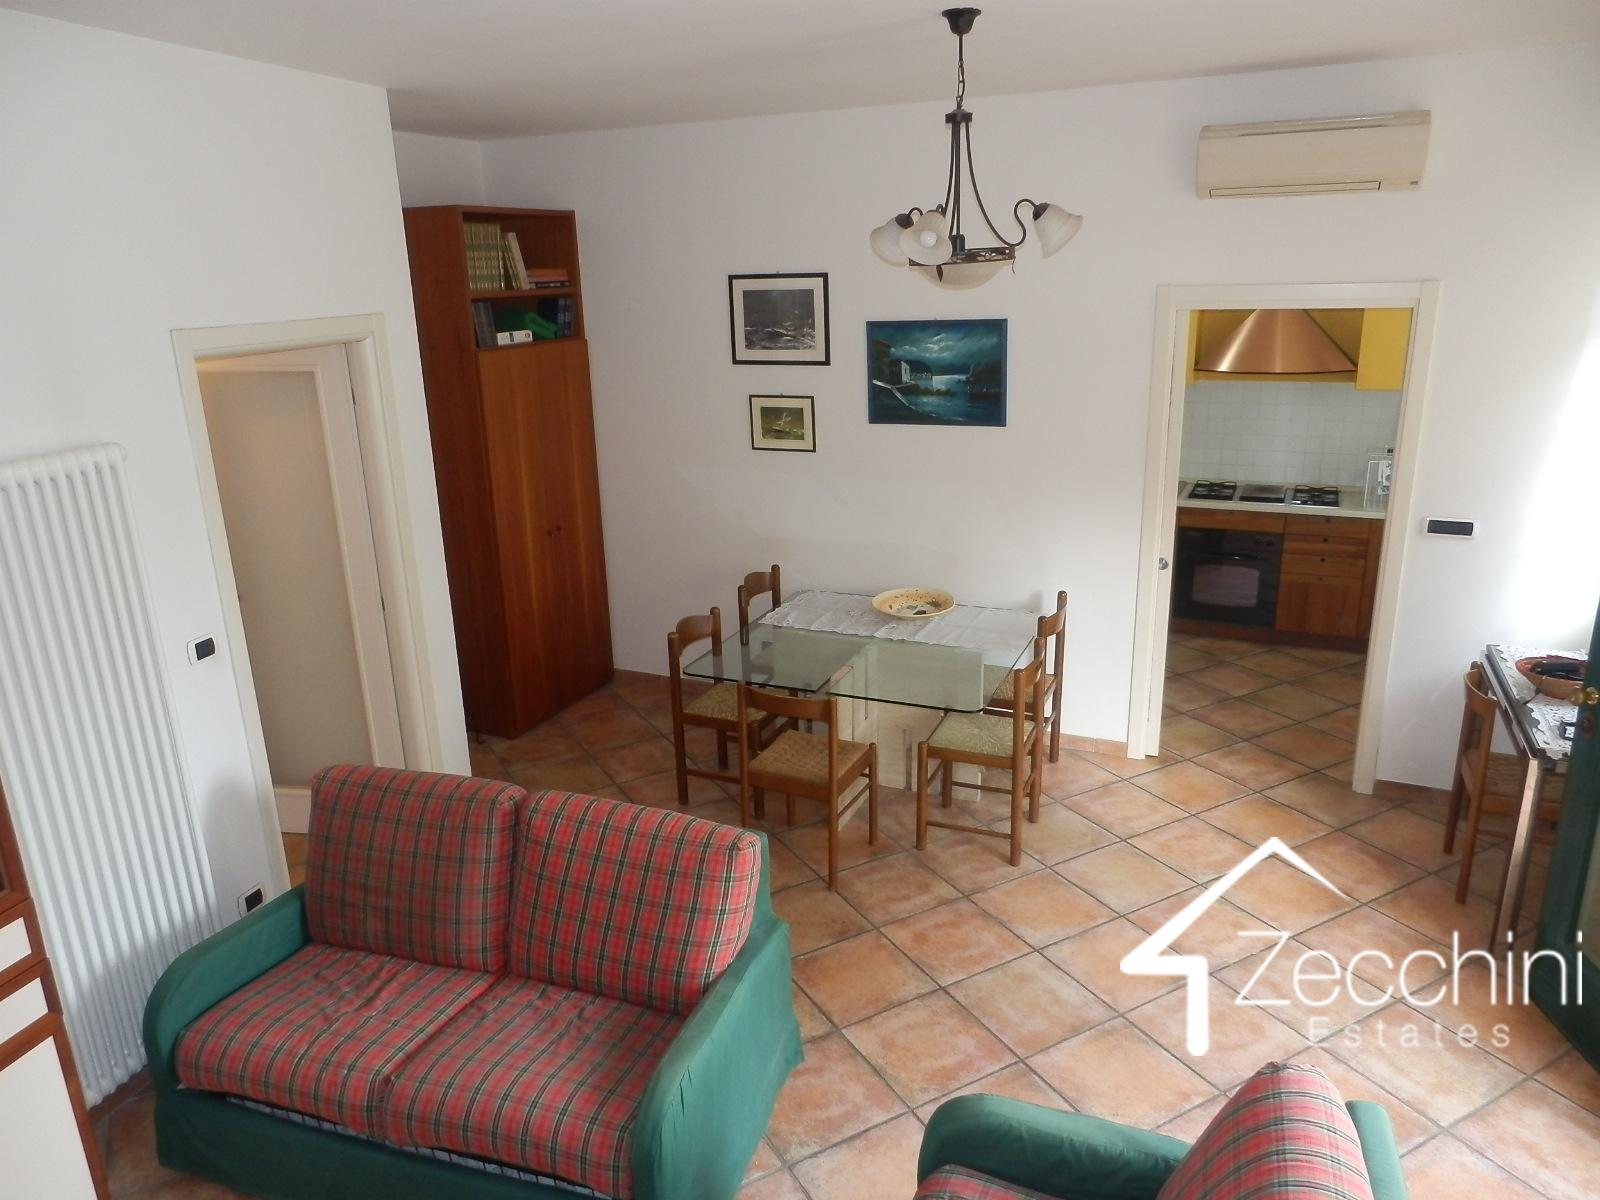 bologna vendita quart: s. ruffillo zecchini-estates